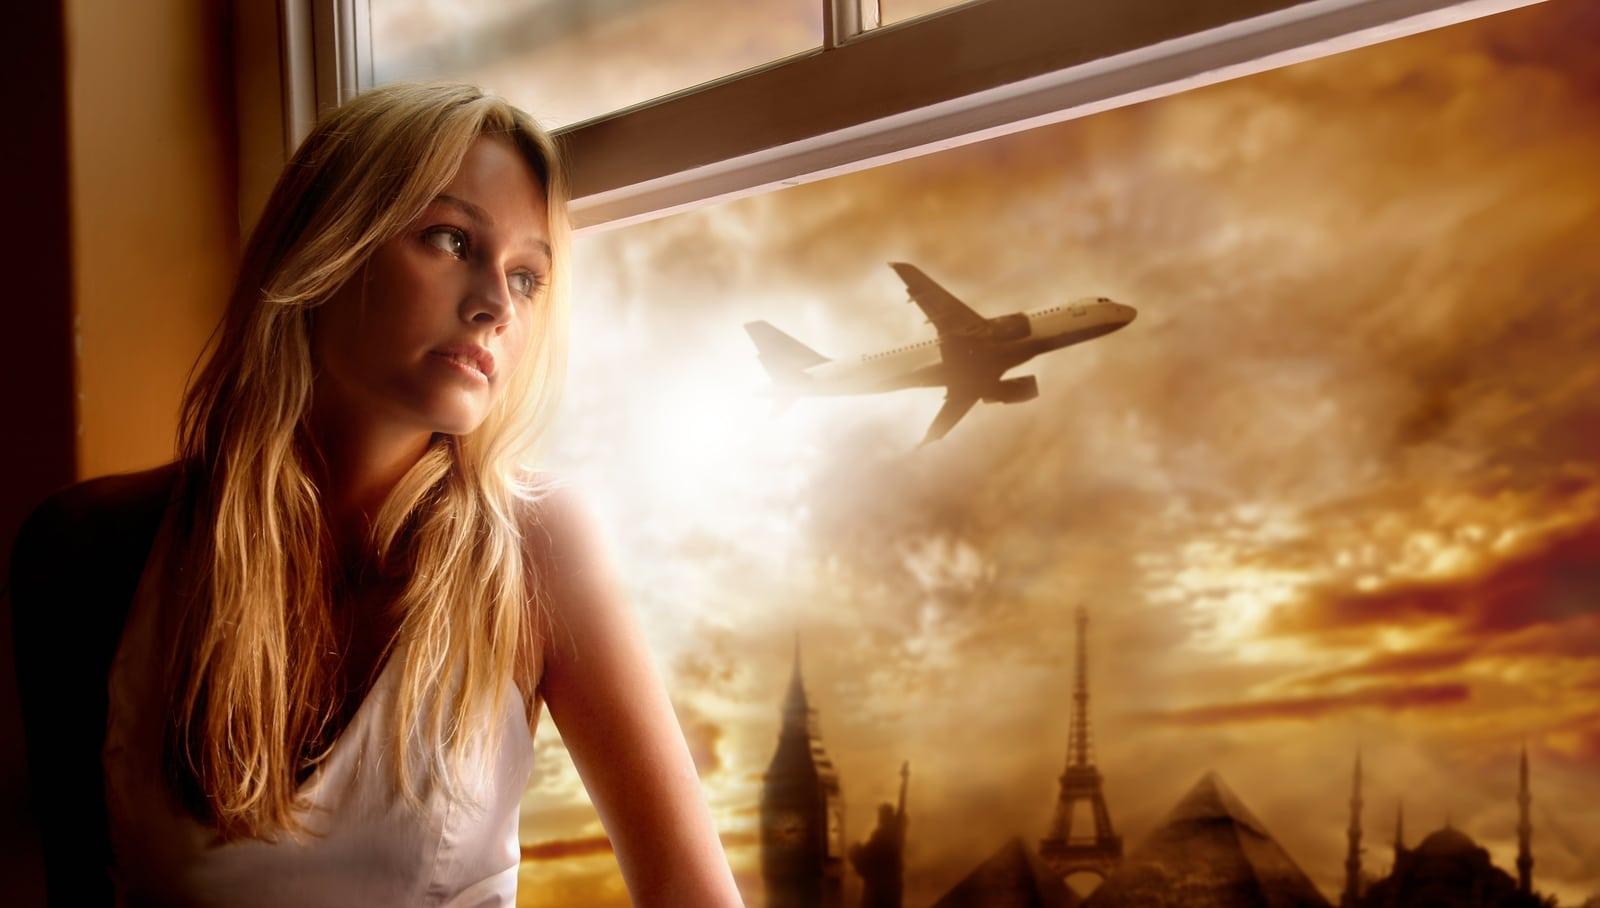 Viajar... ¿Cuáles son las razones?